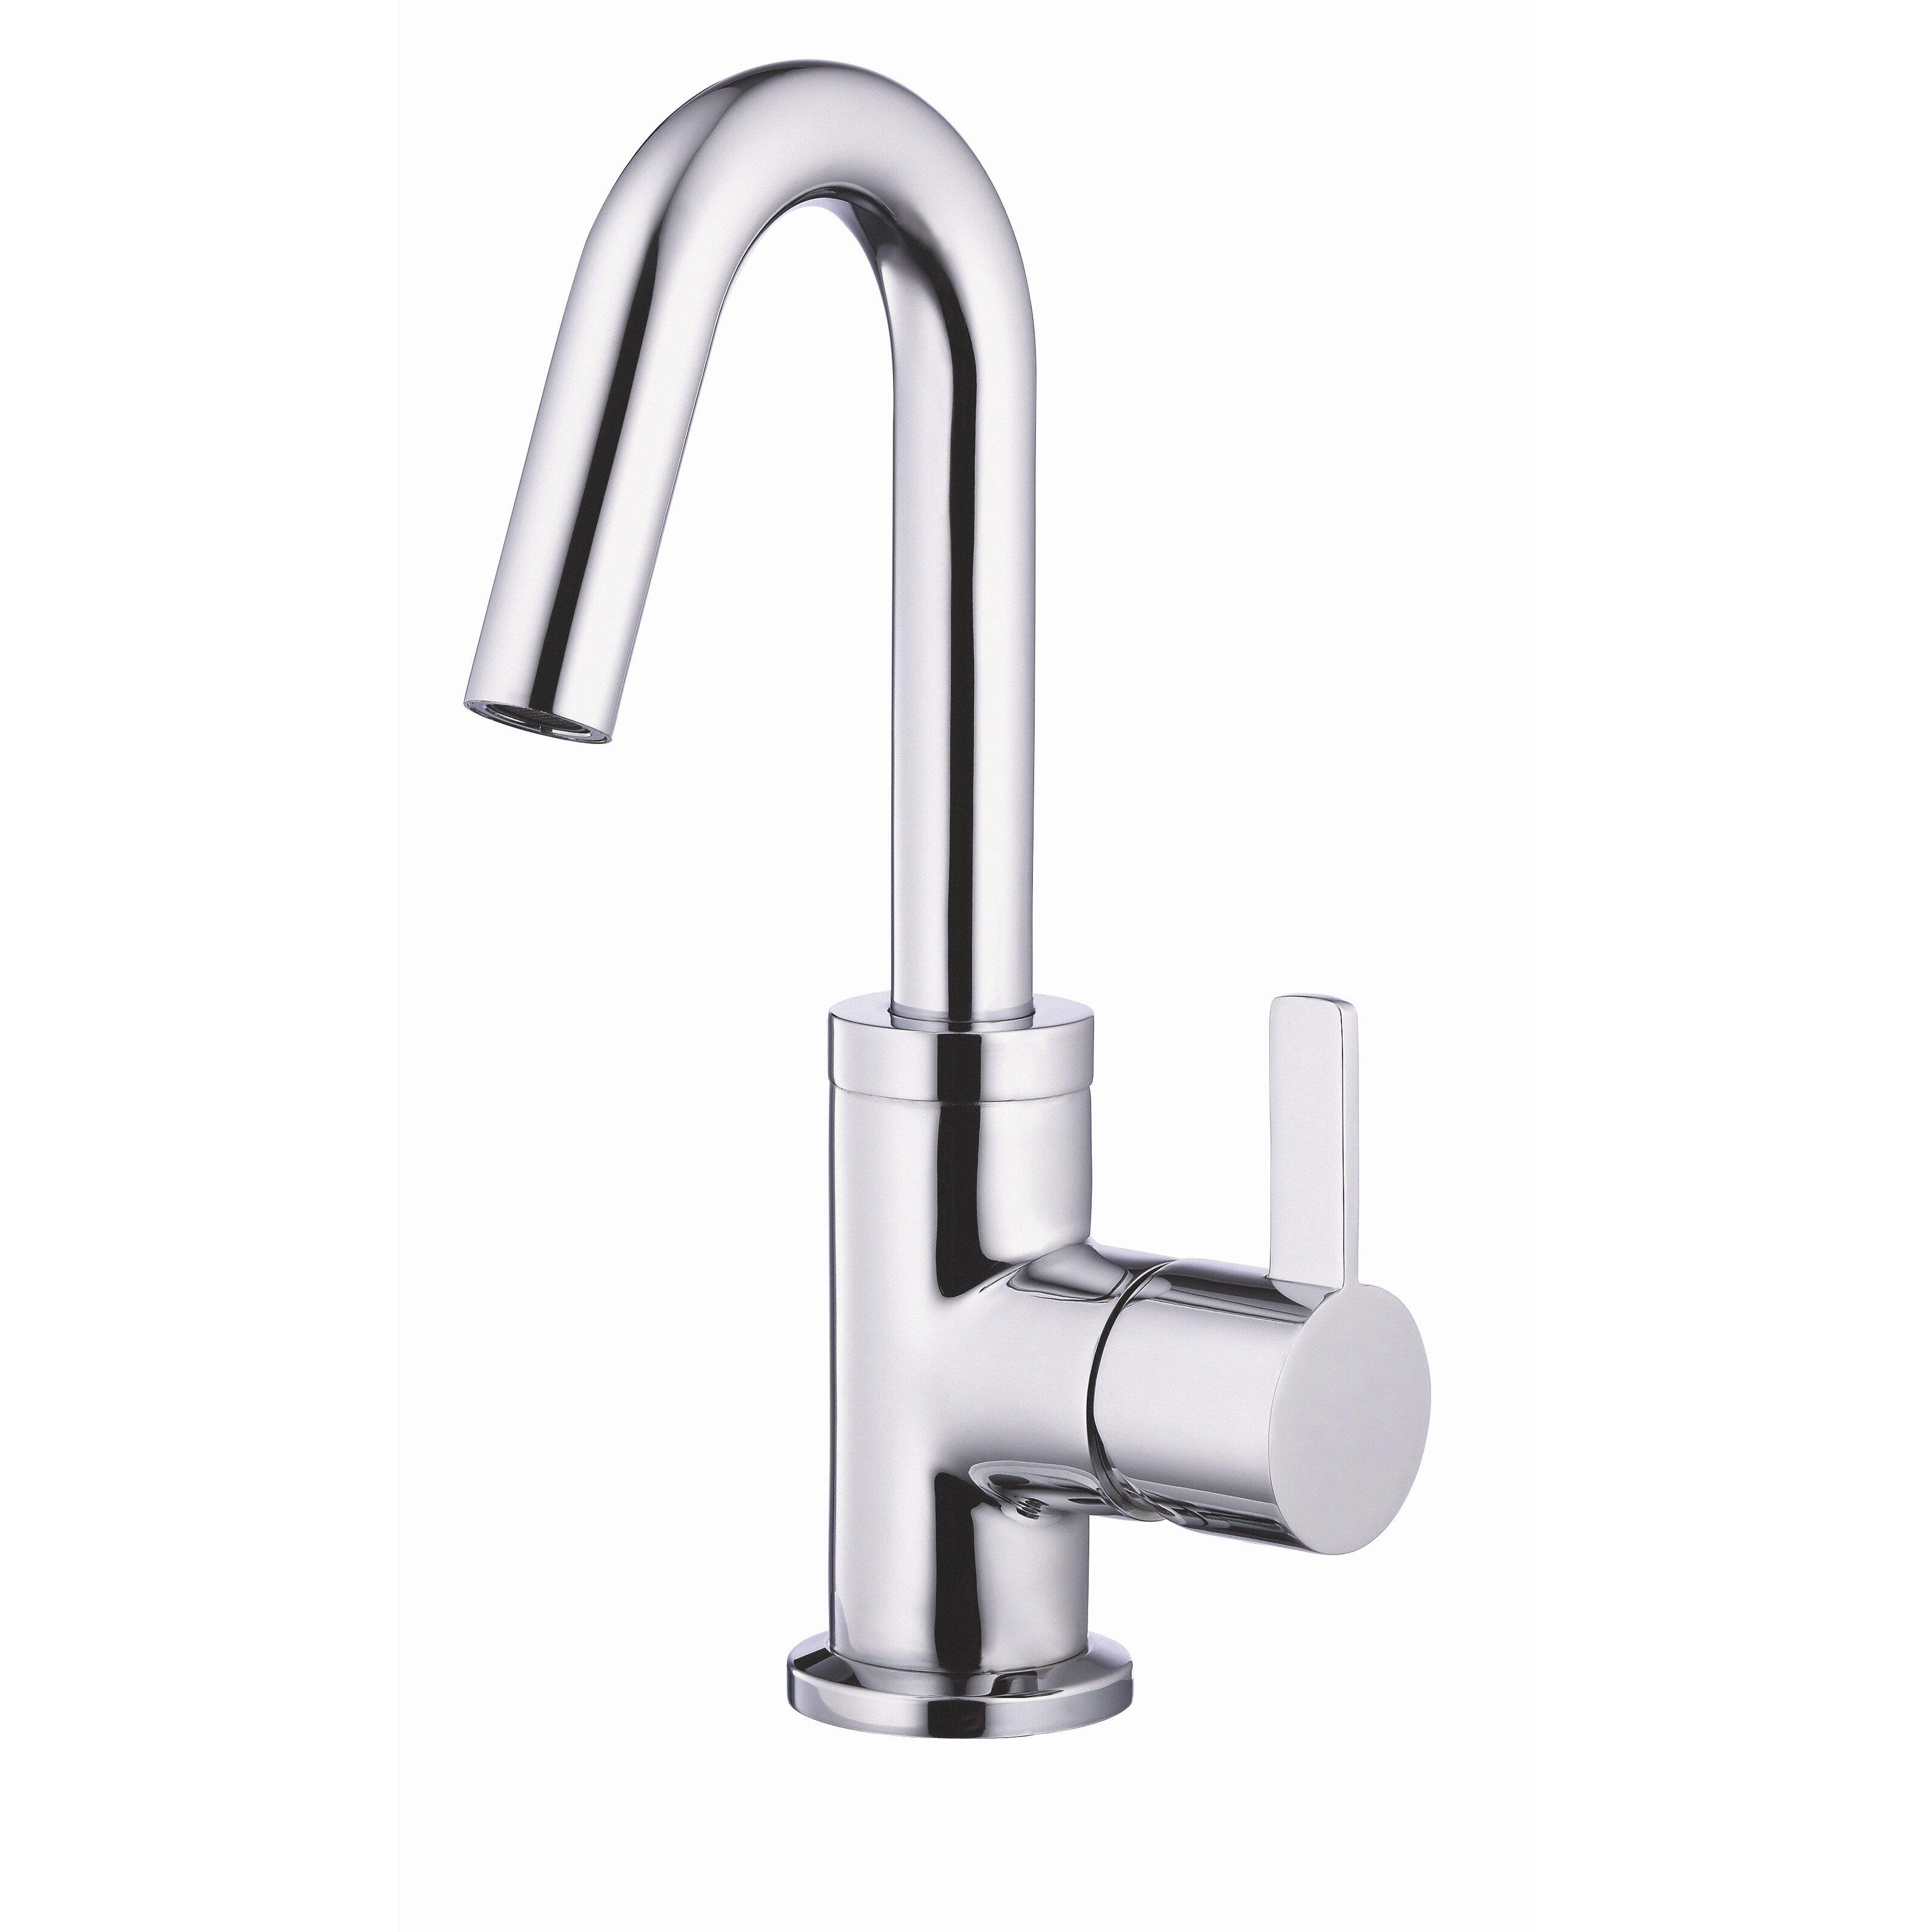 Danze reg  Amalfi Single Handle Single Hole Bathroom Faucet. Danze Amalfi Single Handle Single Hole Bathroom Faucet   Reviews